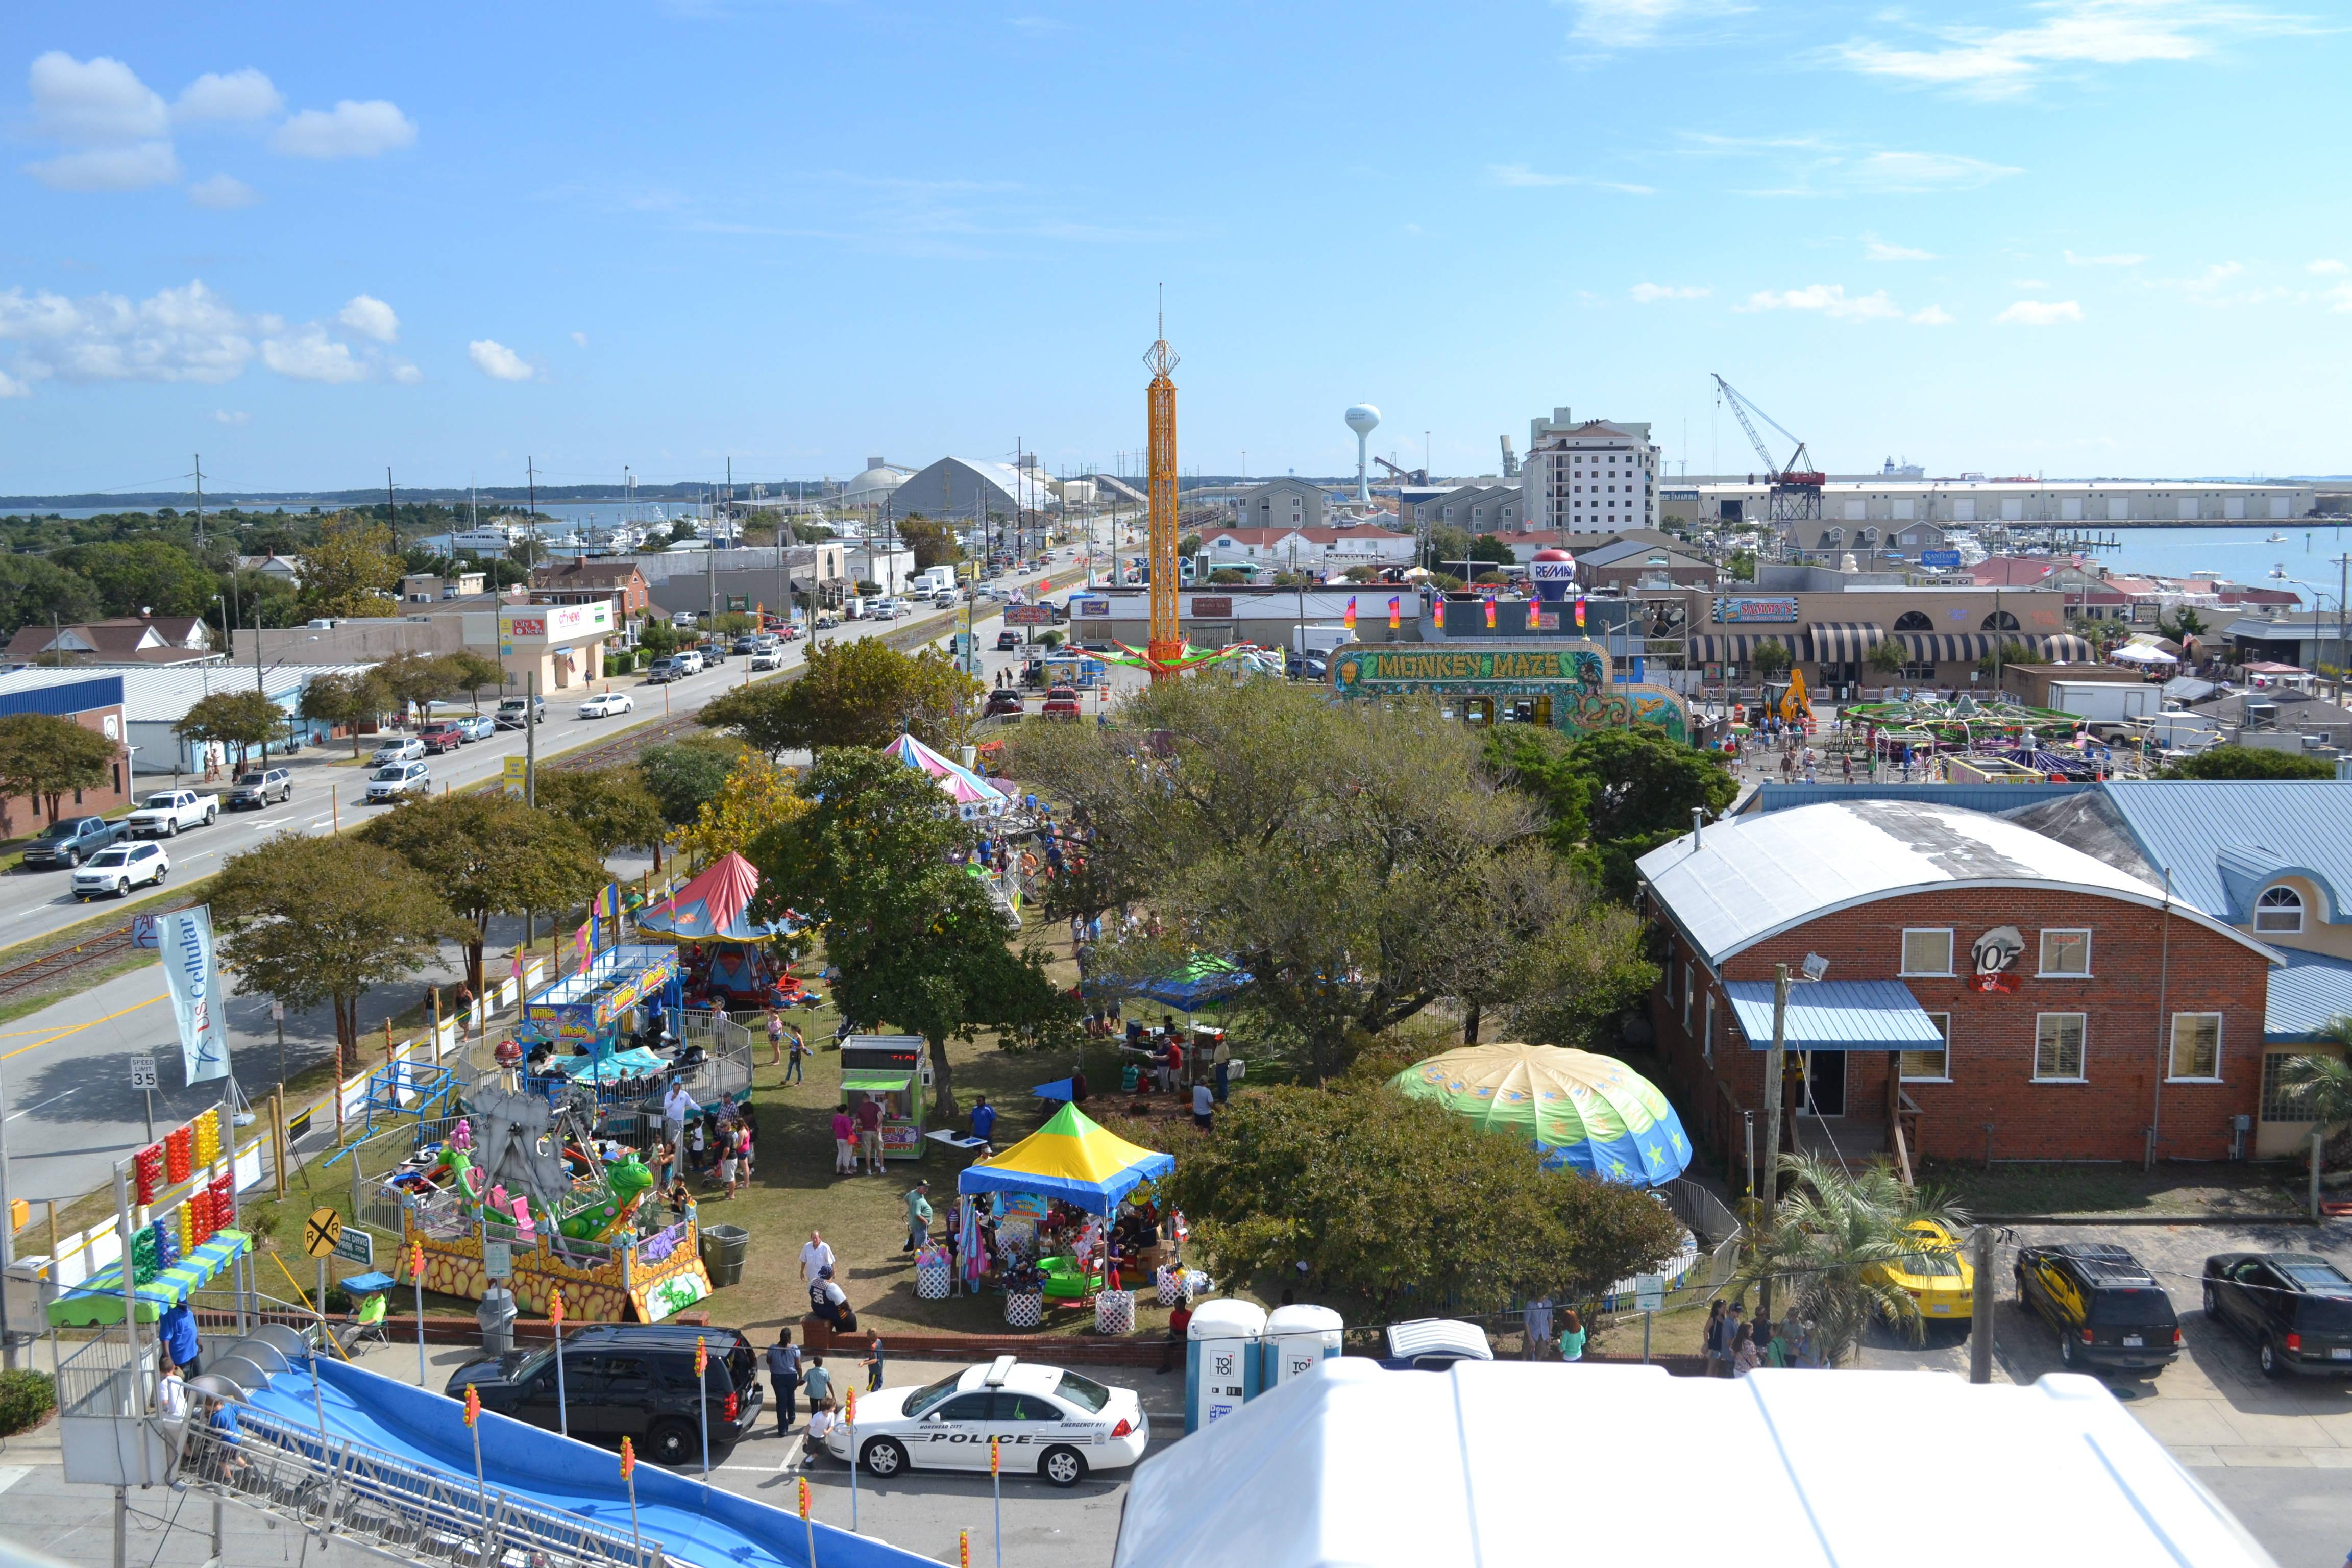 North Carolina Seafood Festival